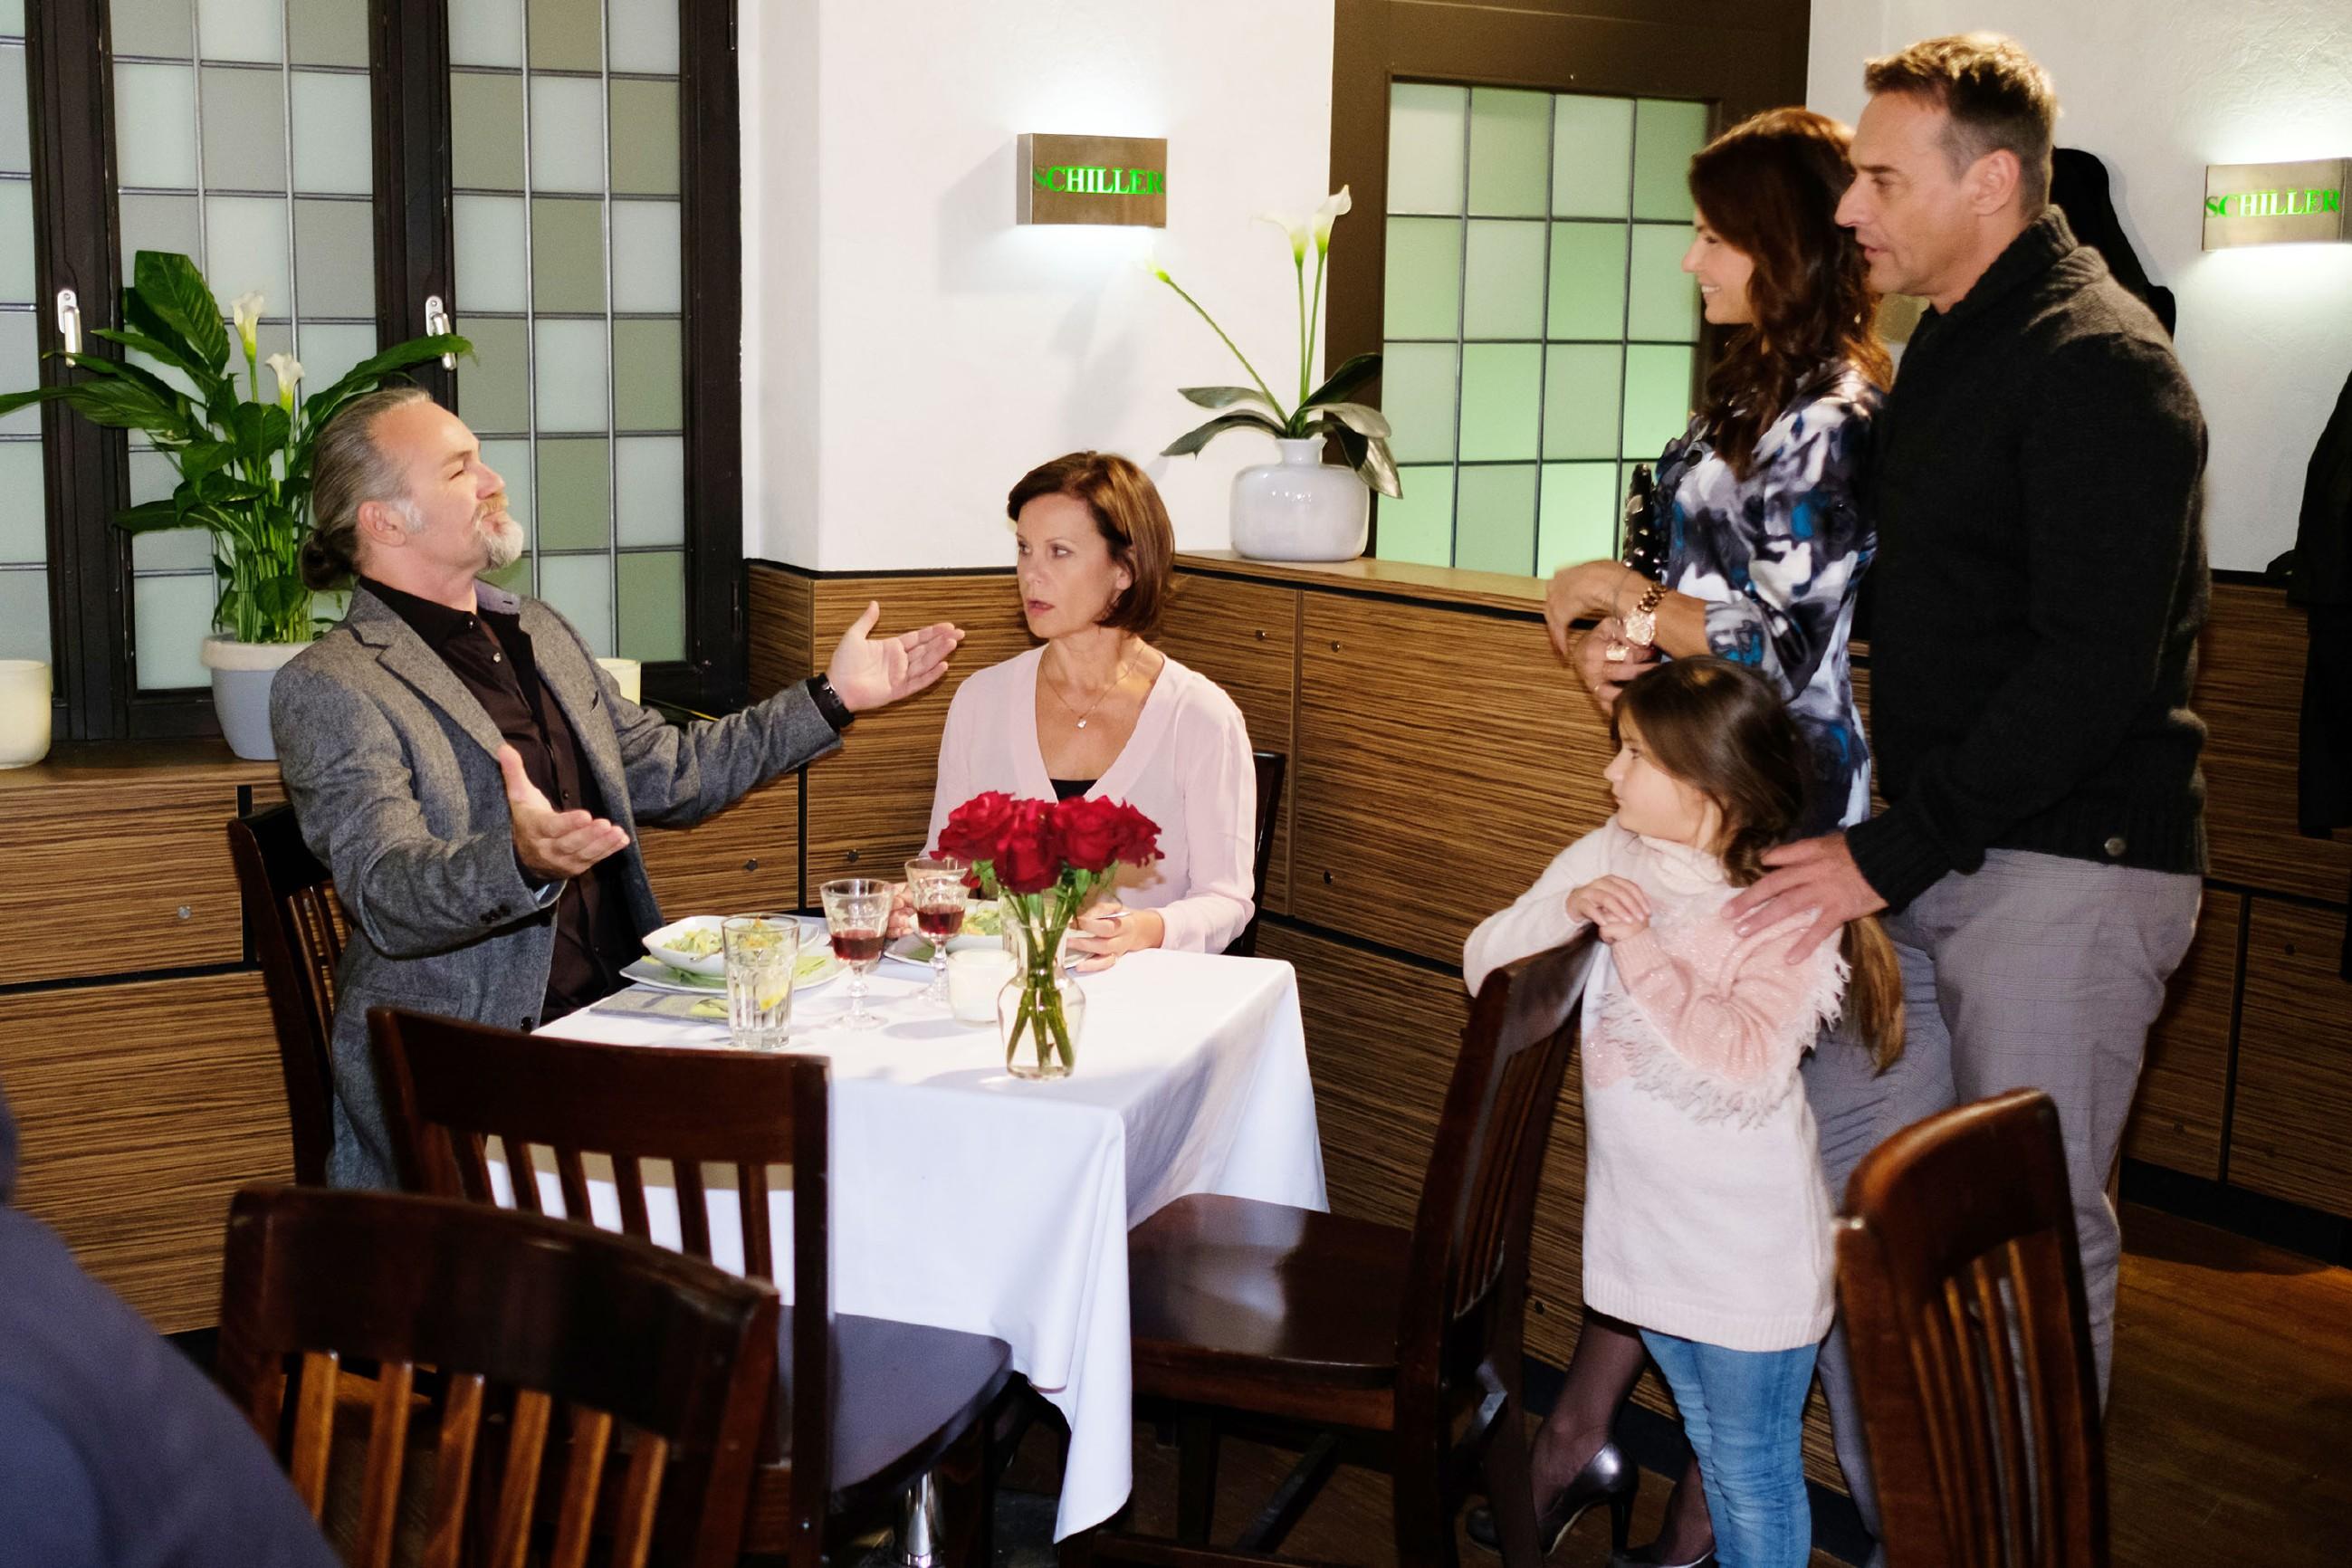 Als Rufus (Kai Noll, r.), Britta (Tabea Heynig, 2.v.r.) und Lotta auf Robert (Luca Maric) und Irene (Petra Blossey) treffen und von der geplanten Eheschließung erfahren, will Britta nicht akzeptieren, dass Irene vor ihr vor den Traualter tritt, immerhin sind Rufus und Britta viel länger verlobt! (Quelle: RTL / Stefan Behrens)